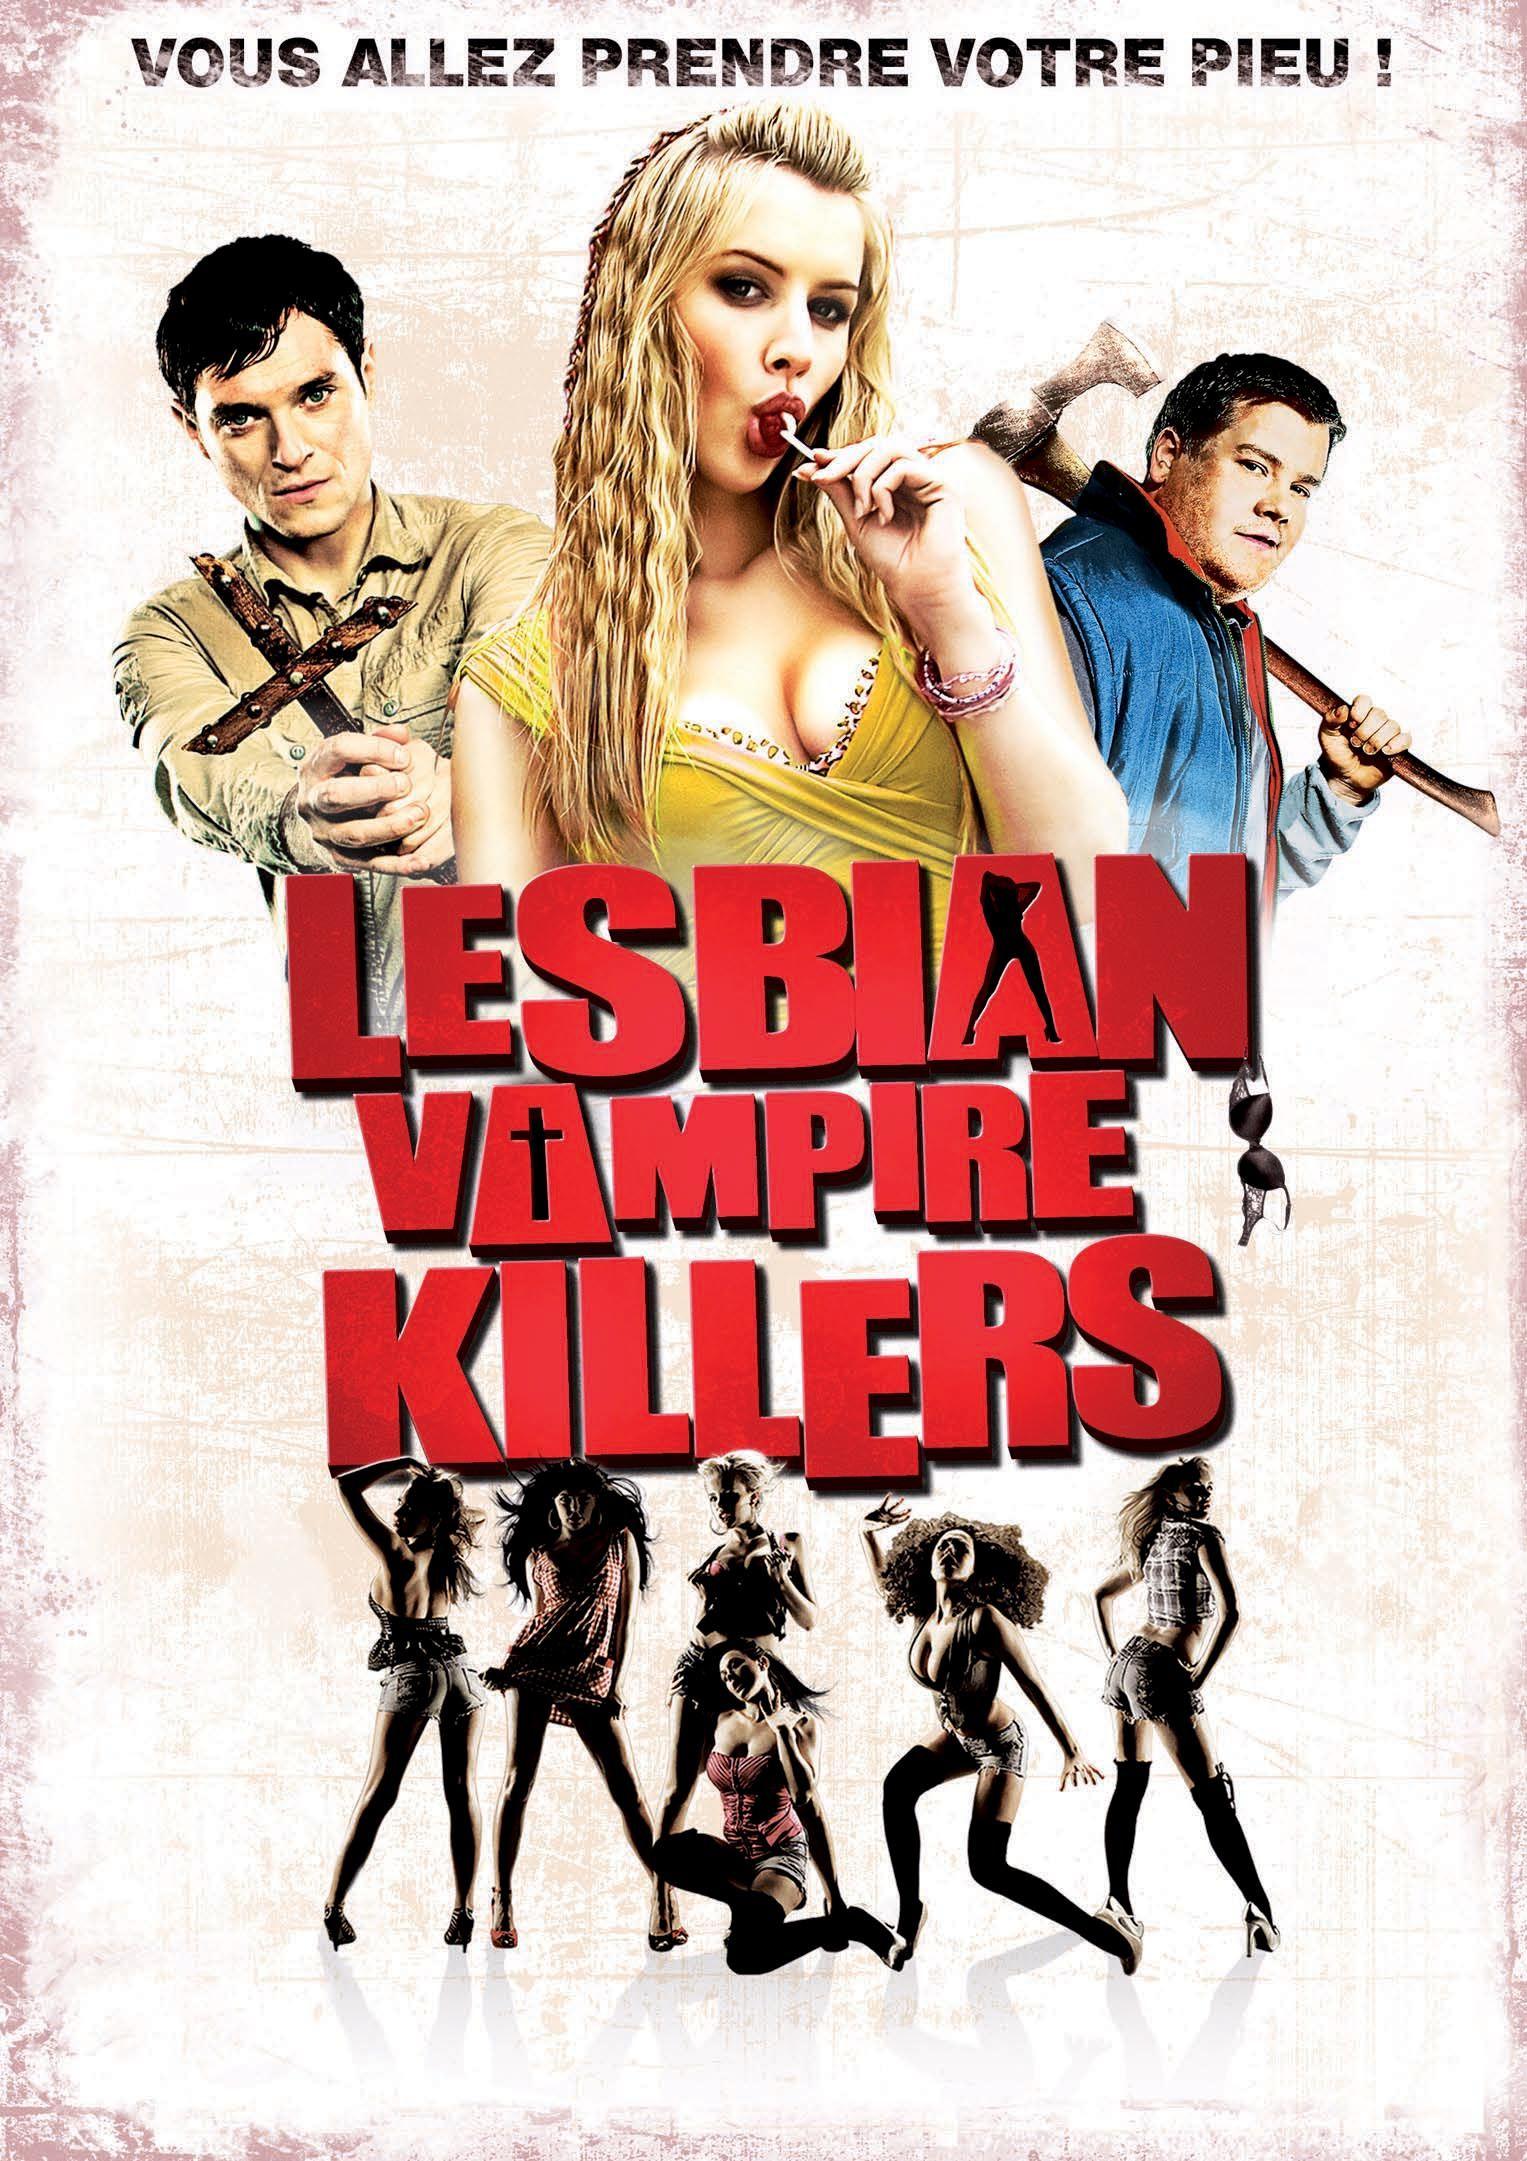 Film gratuit lesbienne-8118